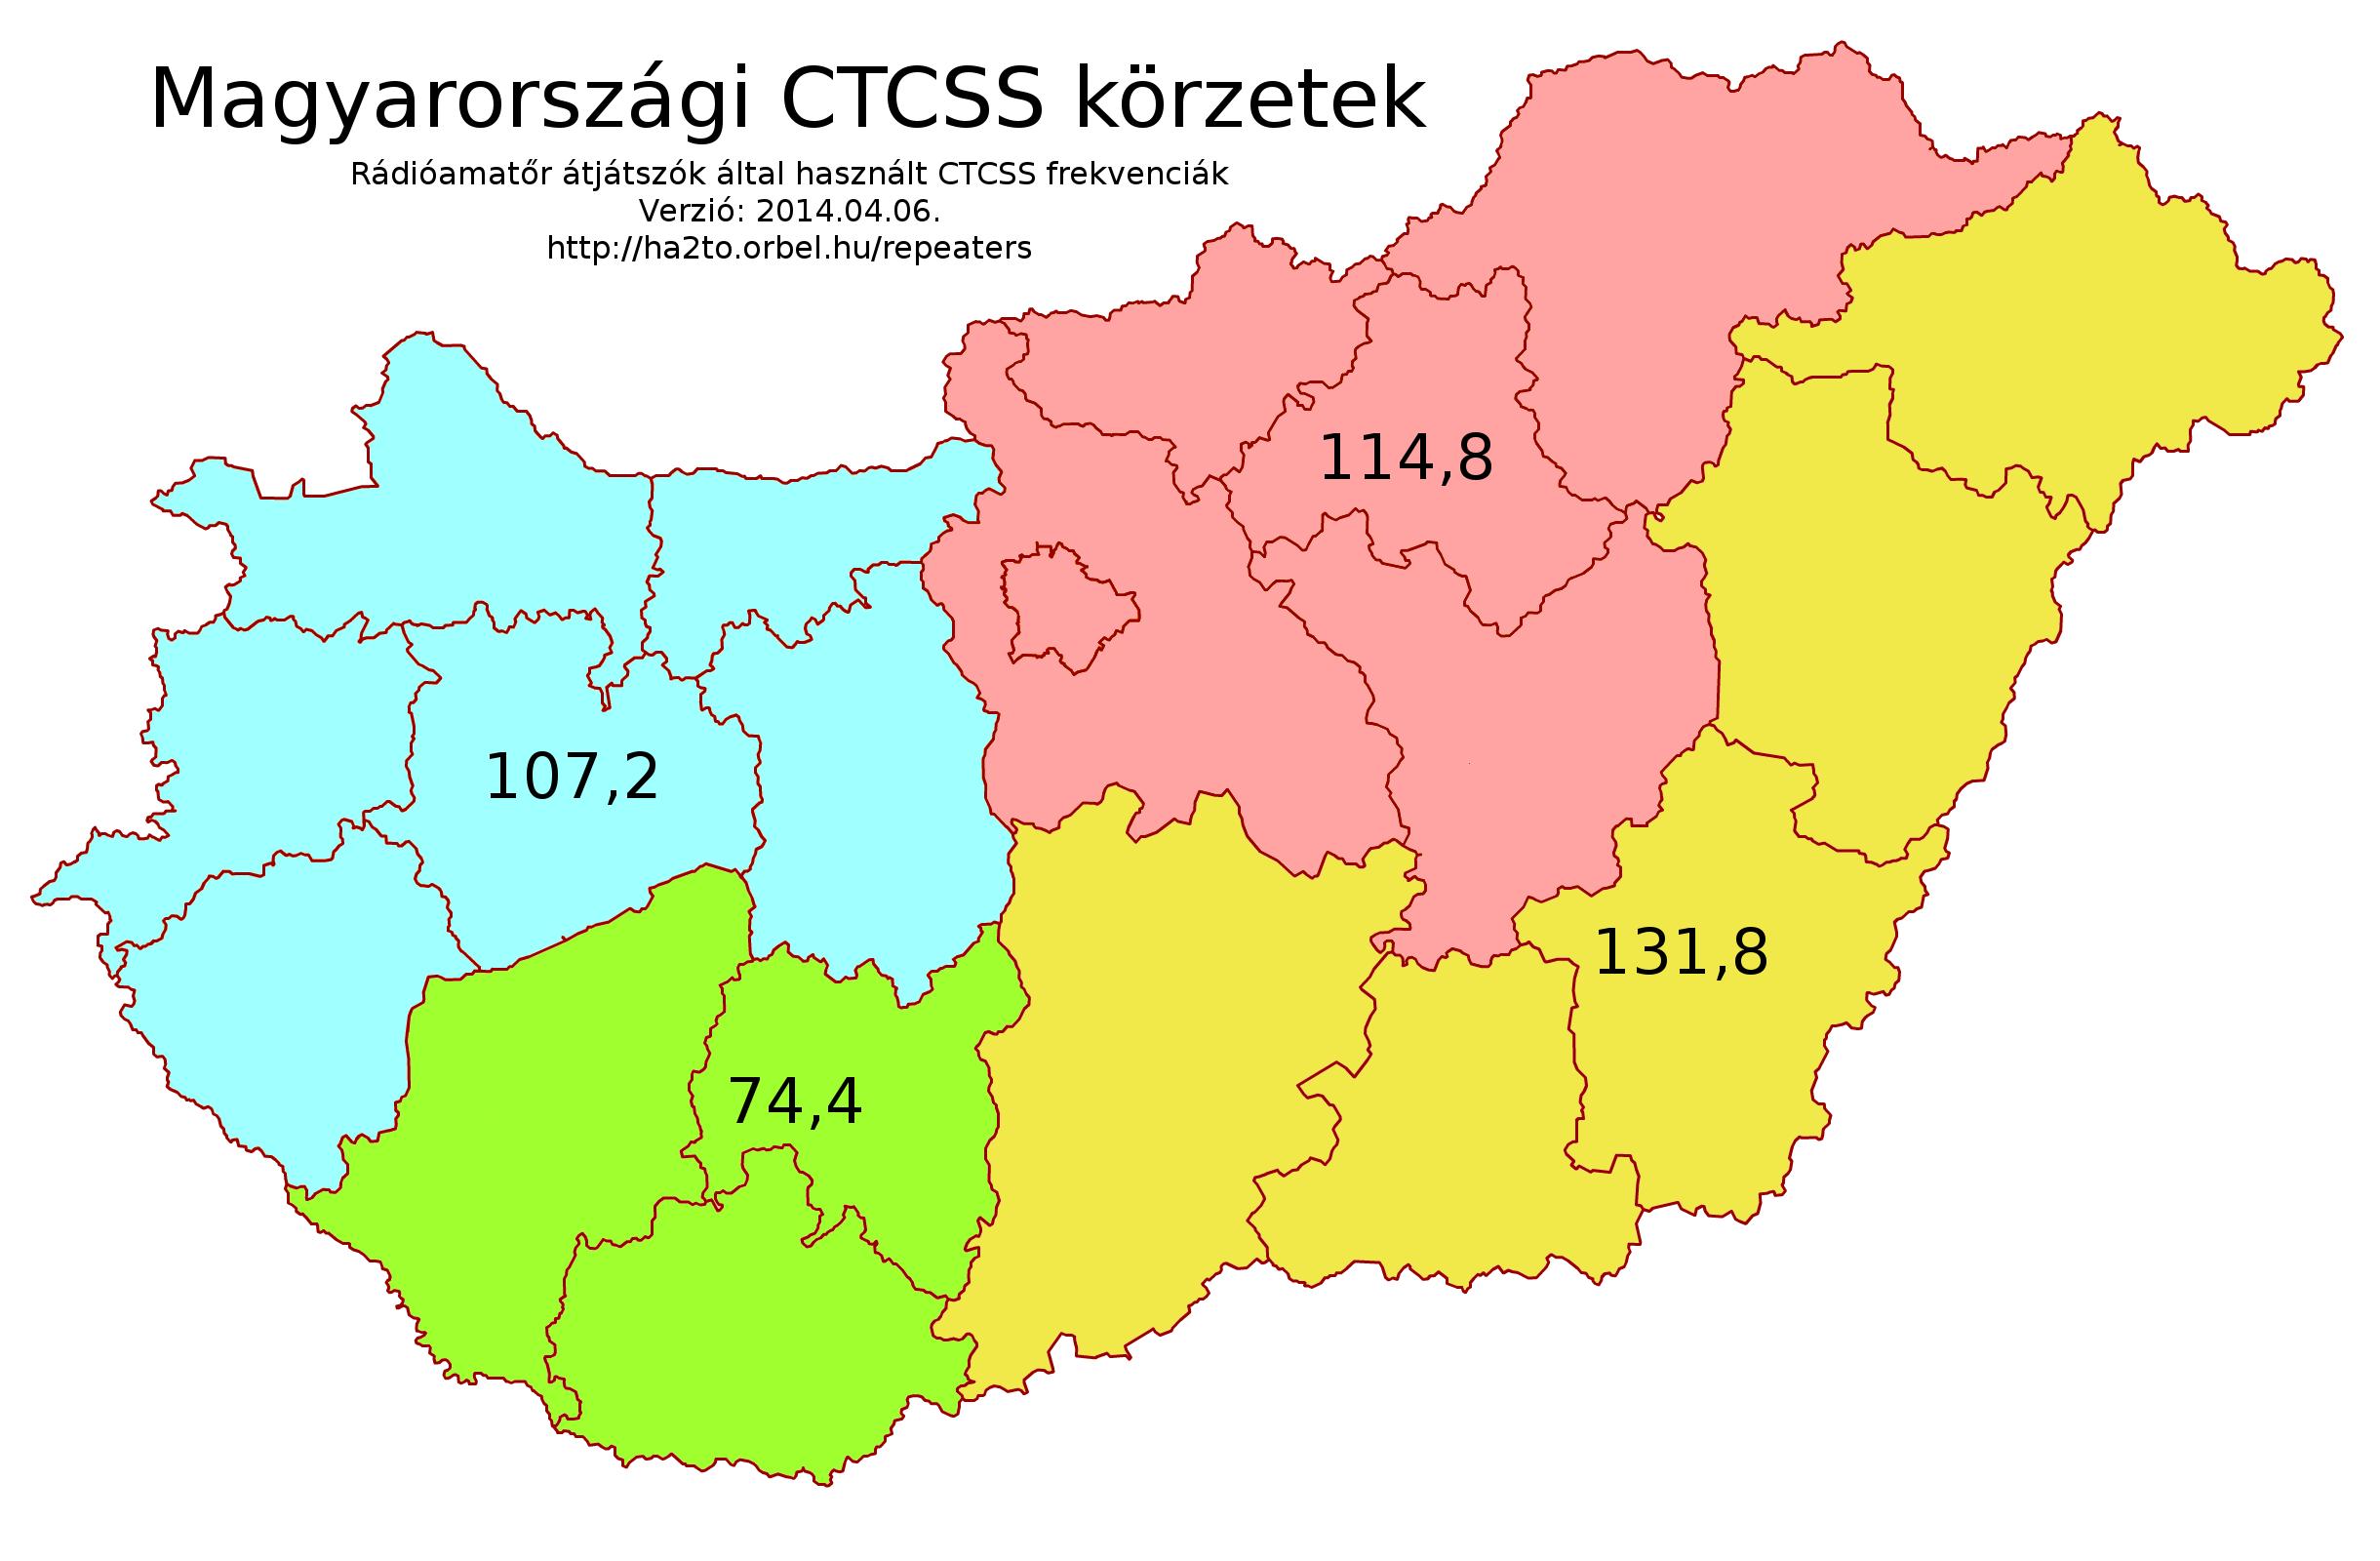 Hungarian CTCSS Plan